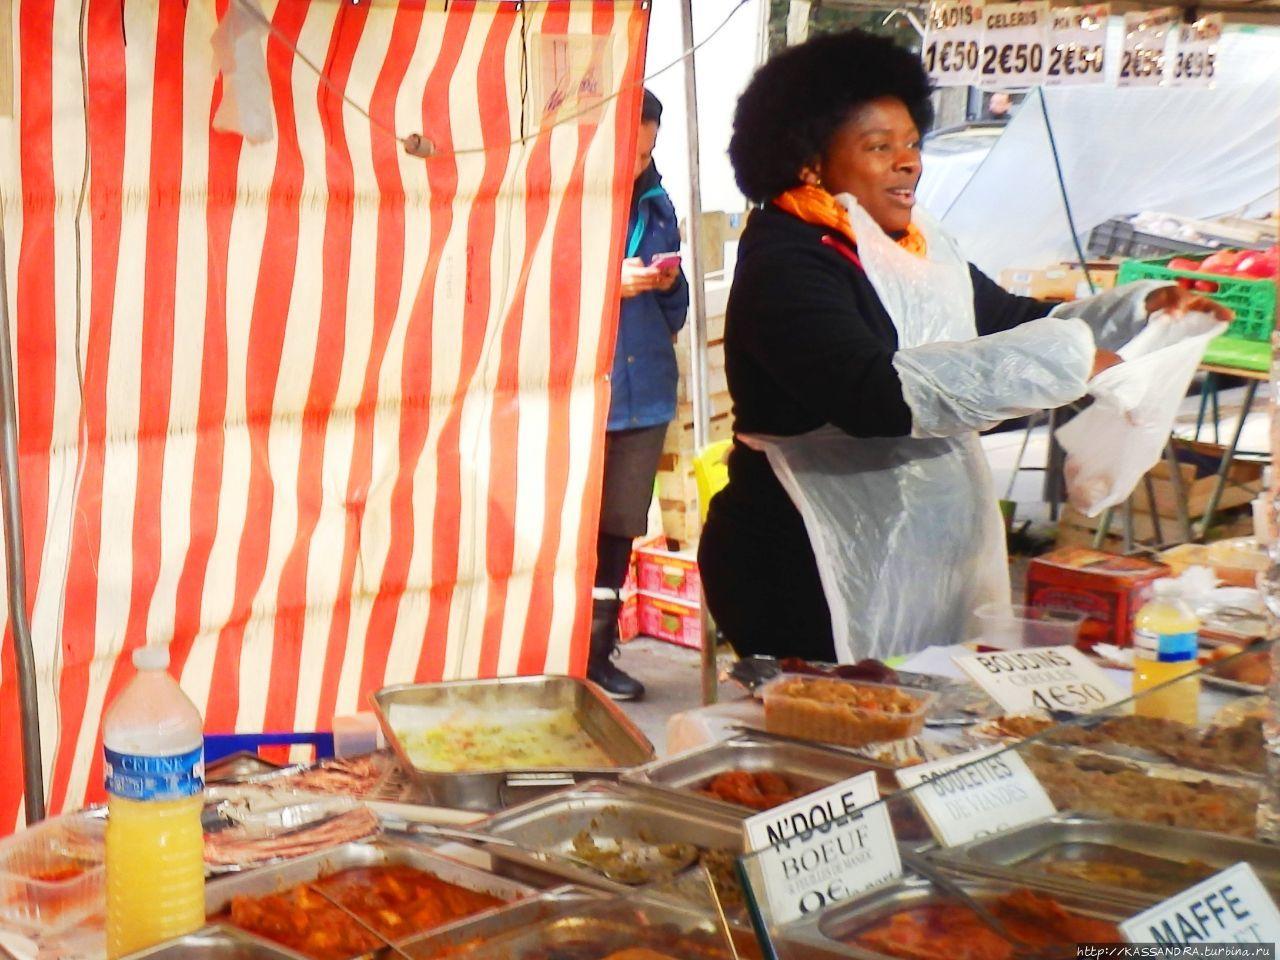 Кухня Прованса. Торговцы моллюсками